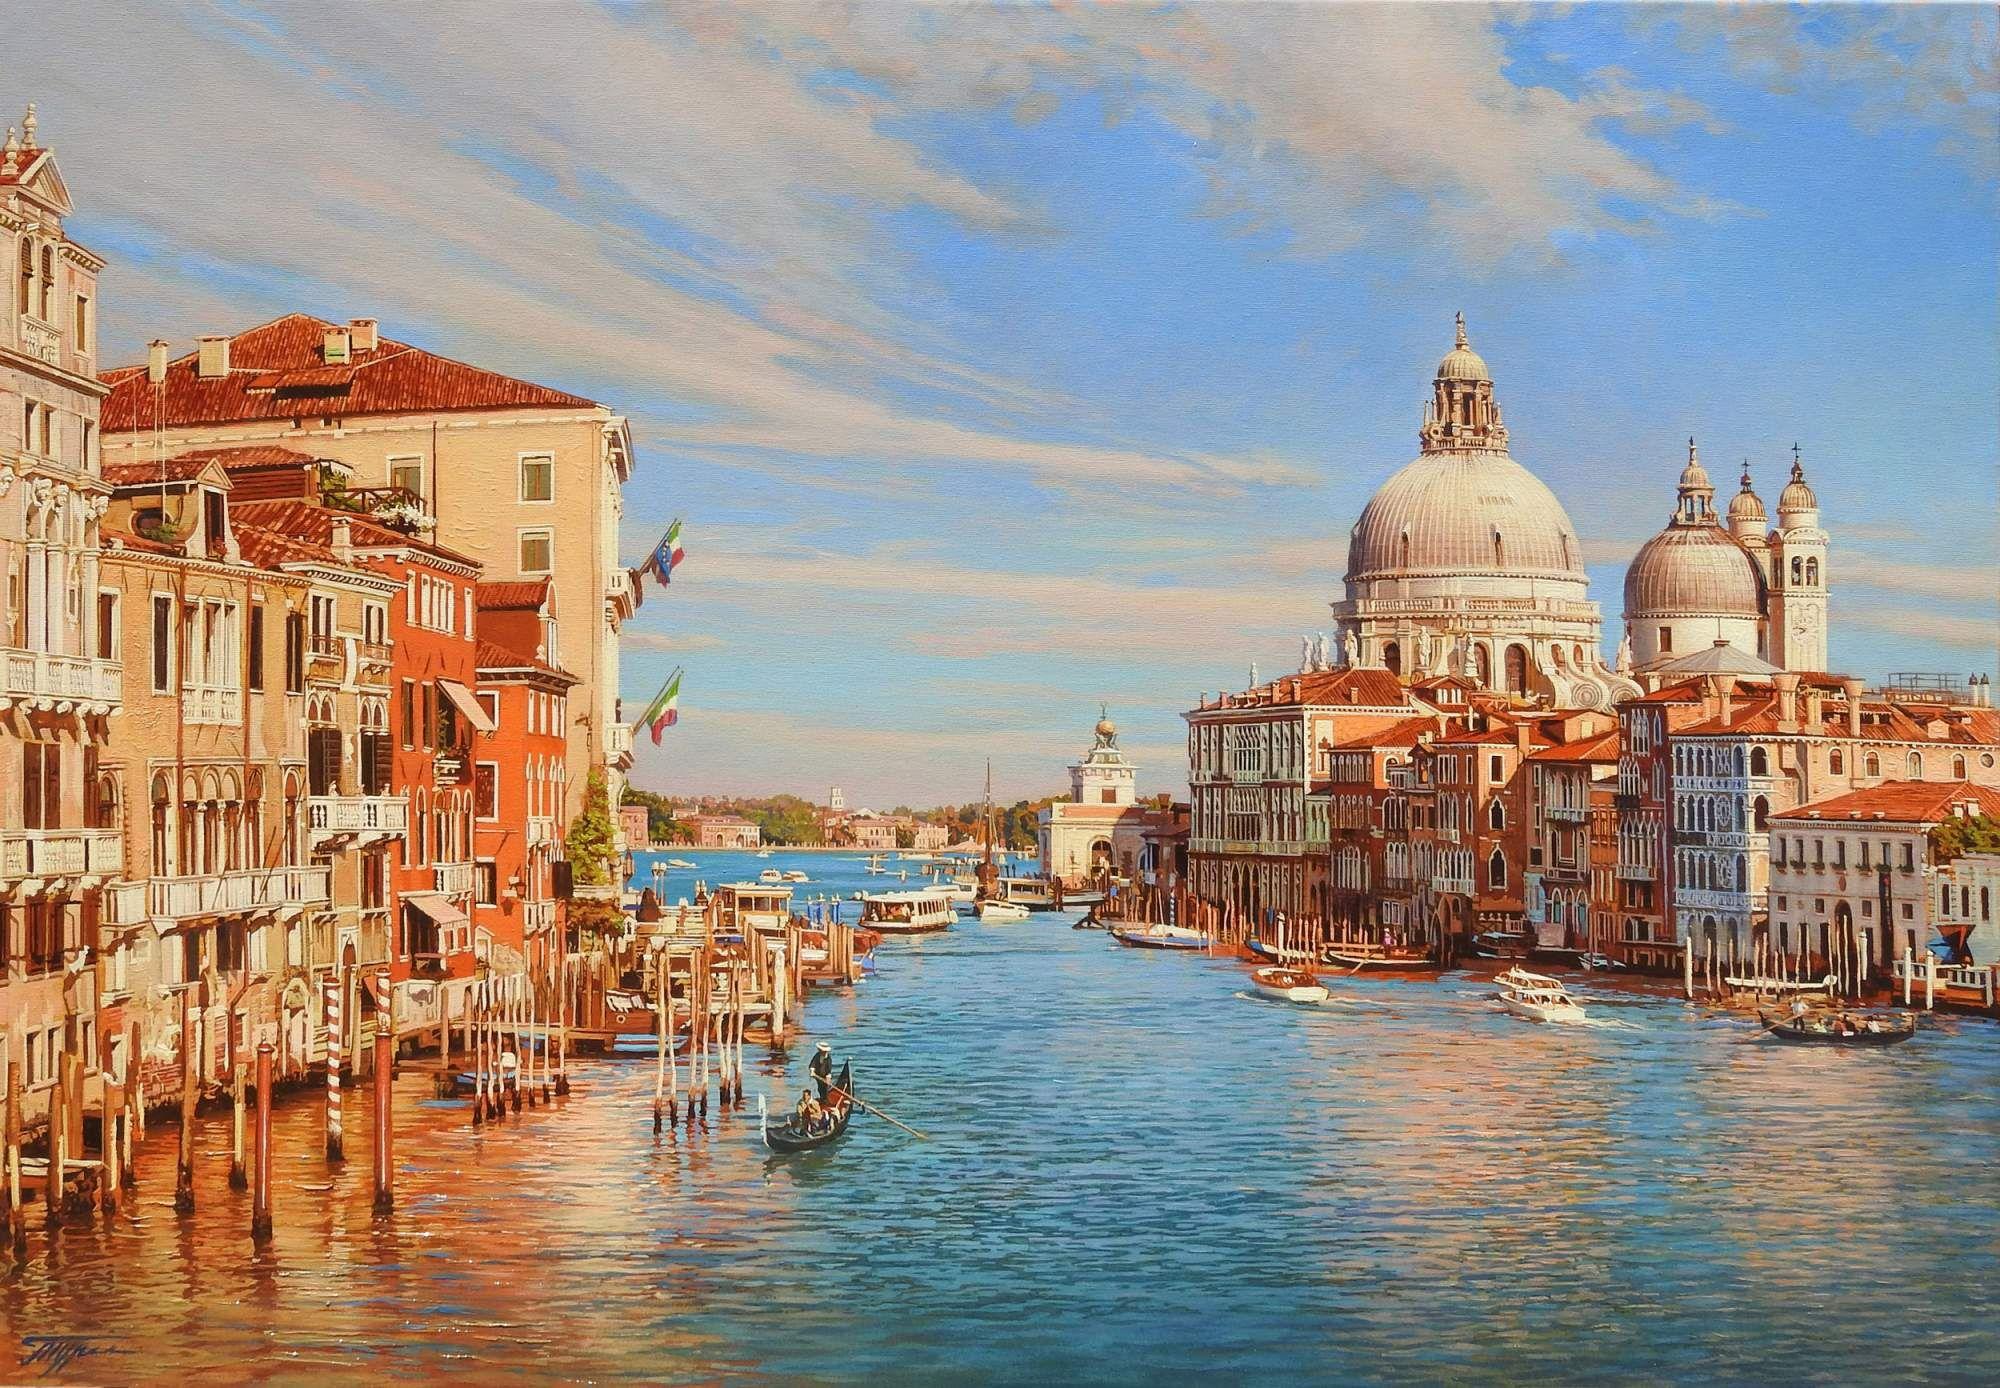 полностью все панорамная фотография венеция на холсте ягодки красный очень